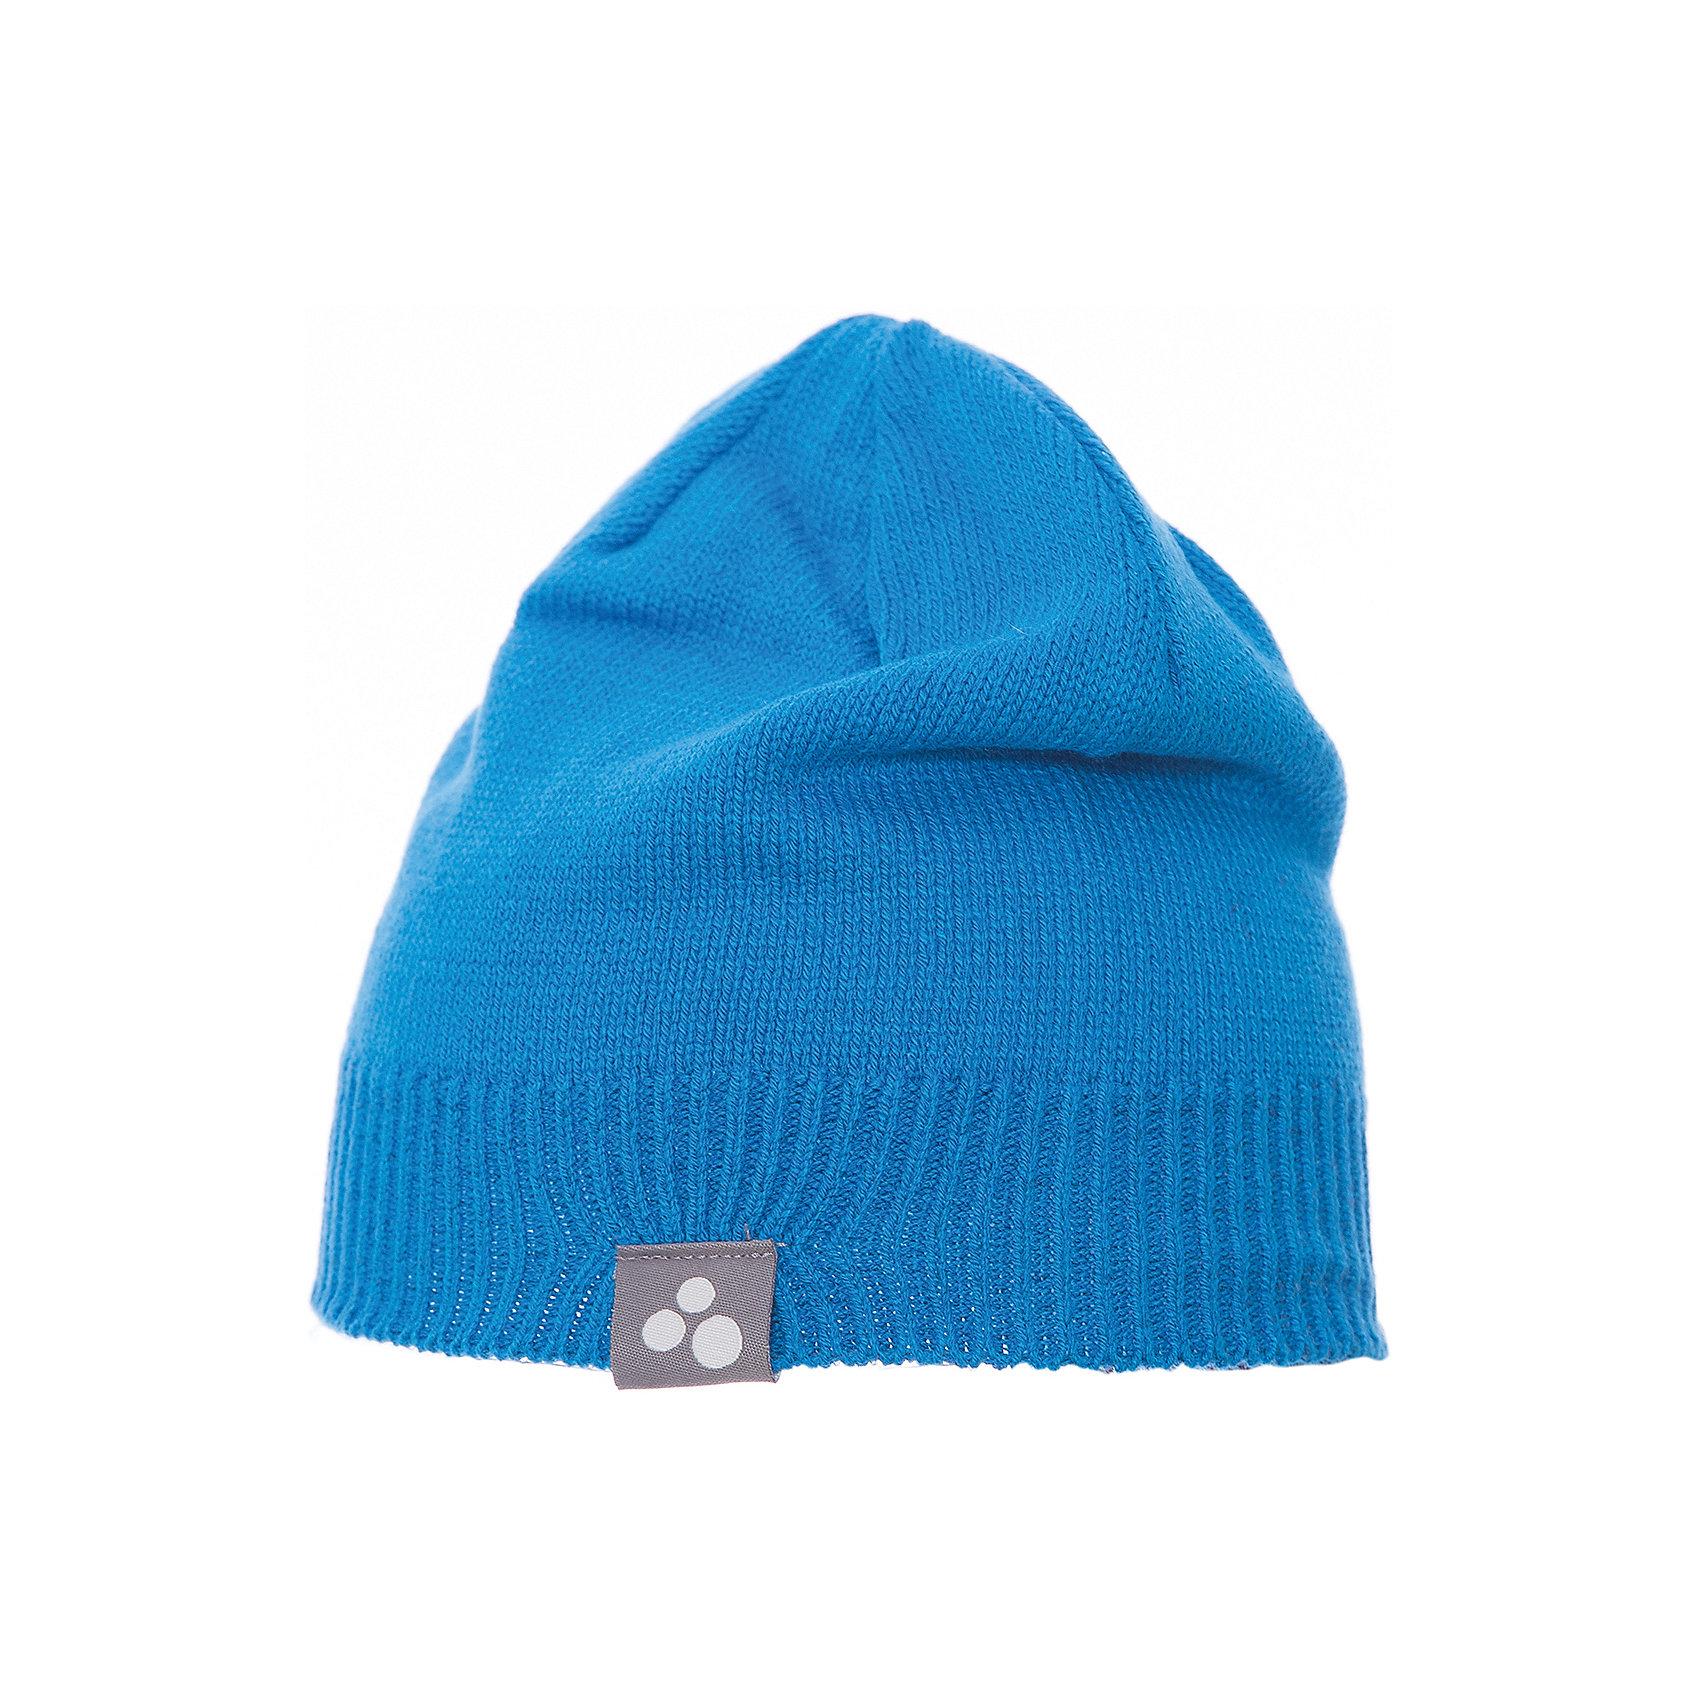 Шапка BORIS для мальчика HuppaГоловные уборы<br>Характеристики товара:<br><br>• цвет: голубой<br>• состав: 60% хлопок 40% акрил<br>• температурный режим: от 0°до +10°С<br>• демисезонная<br>• мягкая резинка<br>• логотип<br>• комфортная посадка<br>• мягкий материал<br>• страна бренда: Эстония<br><br>Эта шапка обеспечит детям тепло и комфорт. Подкладка сделана из приятного на ощупь дышащего и гипоаллергенного хлопка. Шапка очень симпатично смотрится, а дизайн и расцветка позволяют сочетать её с различной одеждой. Модель была разработана специально для детей.<br><br>Одежда и обувь от популярного эстонского бренда Huppa - отличный вариант одеть ребенка можно и комфортно. Вещи, выпускаемые компанией, качественные, продуманные и очень удобные. Для производства изделий используются только безопасные для детей материалы. Продукция от Huppa порадует и детей, и их родителей!<br><br>Шапку BORIS от бренда Huppa (Хуппа) можно купить в нашем интернет-магазине.<br><br>Ширина мм: 89<br>Глубина мм: 117<br>Высота мм: 44<br>Вес г: 155<br>Цвет: голубой<br>Возраст от месяцев: 6<br>Возраст до месяцев: 12<br>Пол: Мужской<br>Возраст: Детский<br>Размер: 51-53,47-49,43-45<br>SKU: 5347829